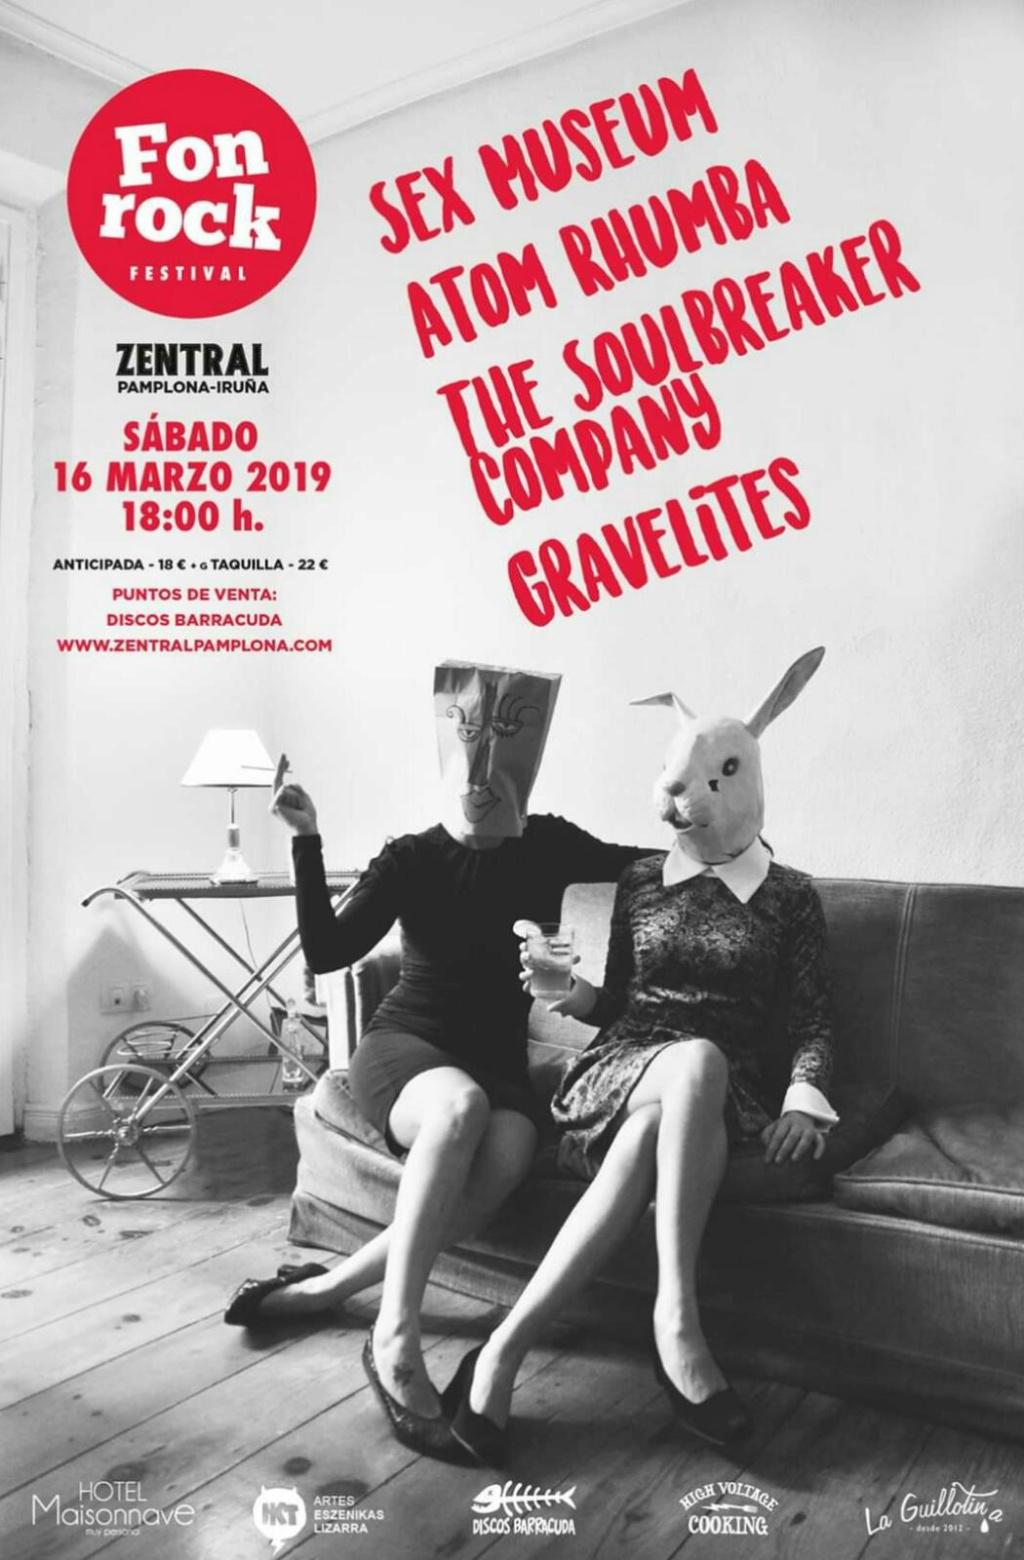 Agenda de giras, conciertos y festivales - Página 9 Img-2010